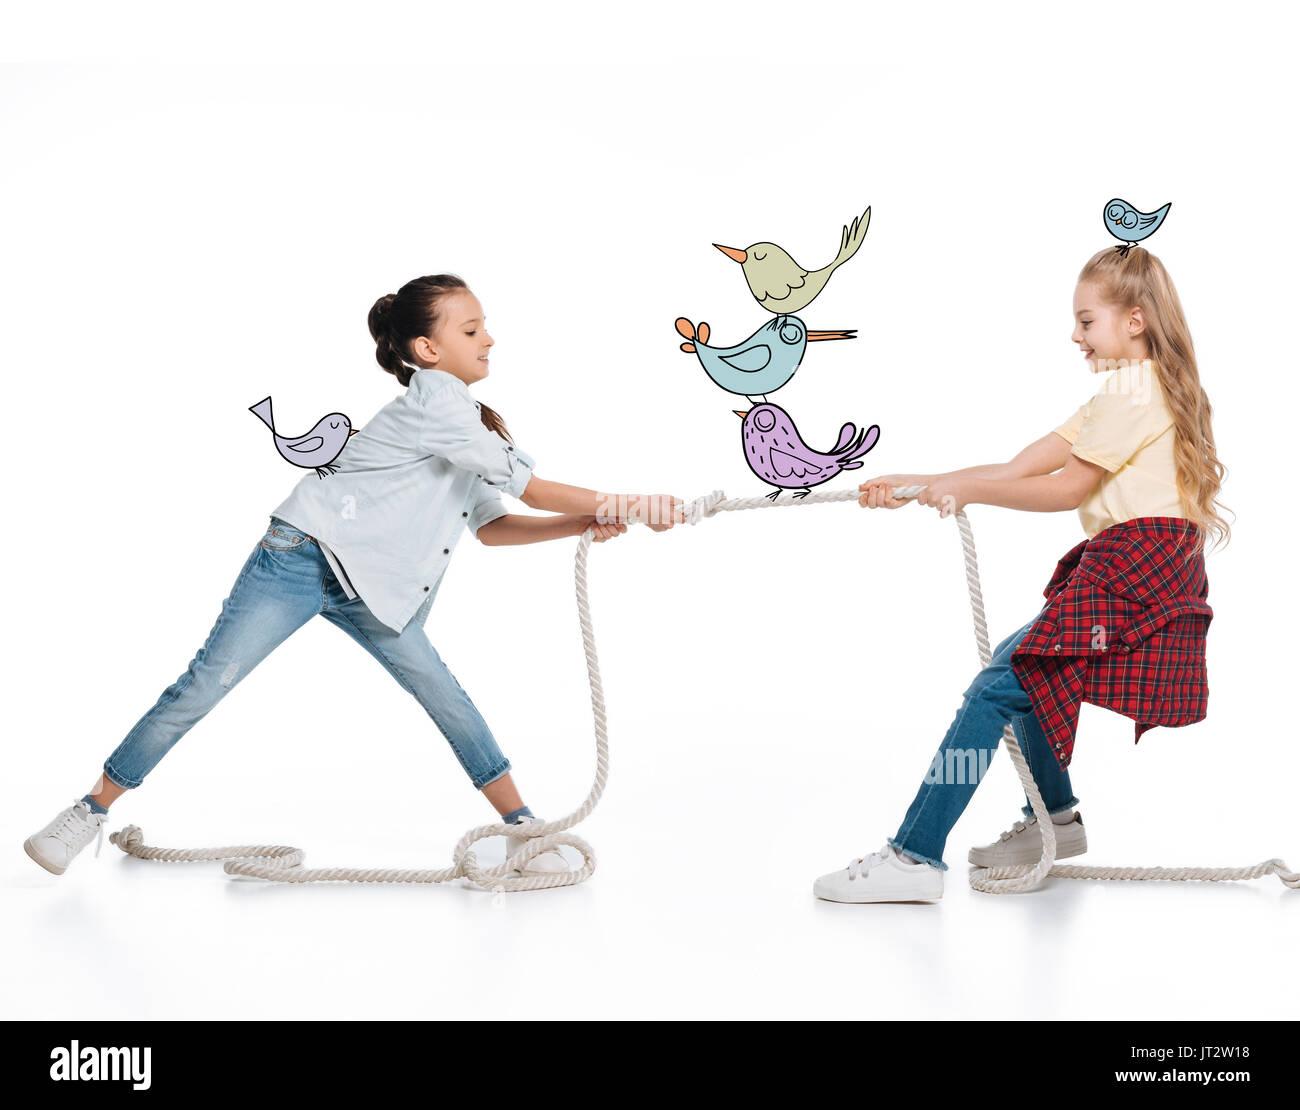 Le ragazze a tirare in alto la corda Immagini Stock